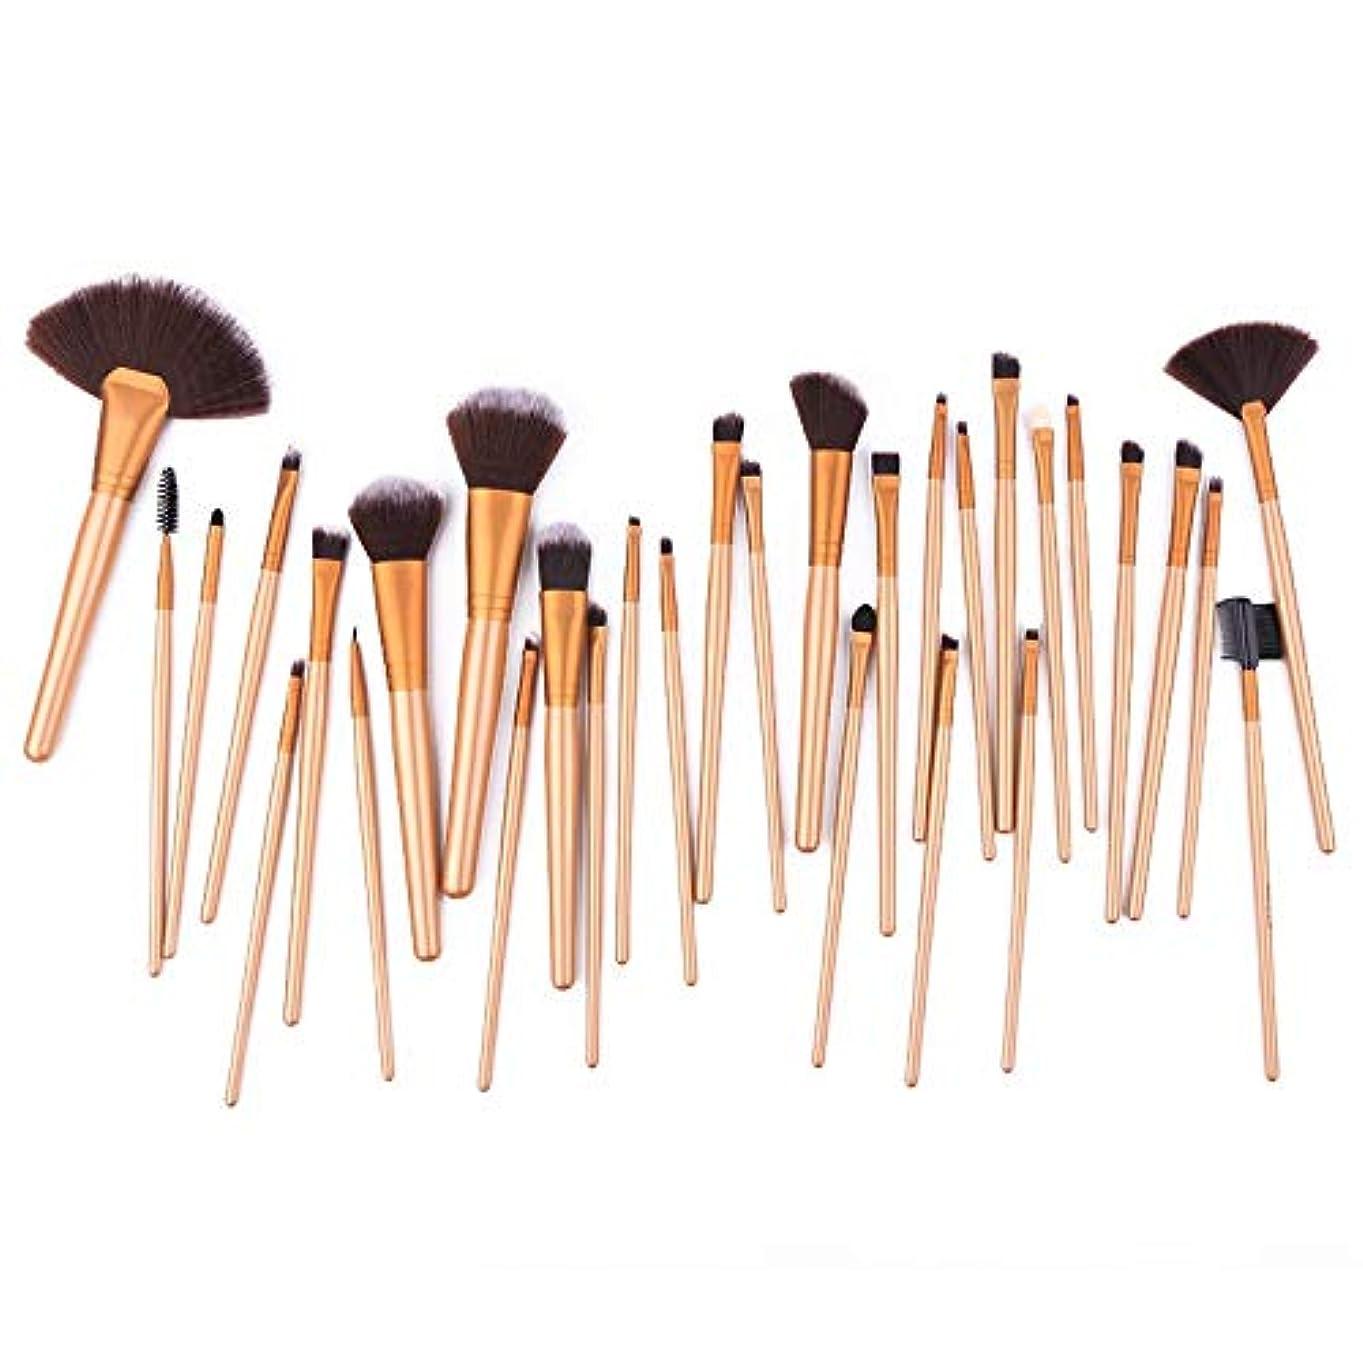 化粧用品 32ピースブラウンメイクブラシコーヒーゴールドメイクブラシプロフェッショナルメイクブラシメイクセット美容メイクツール